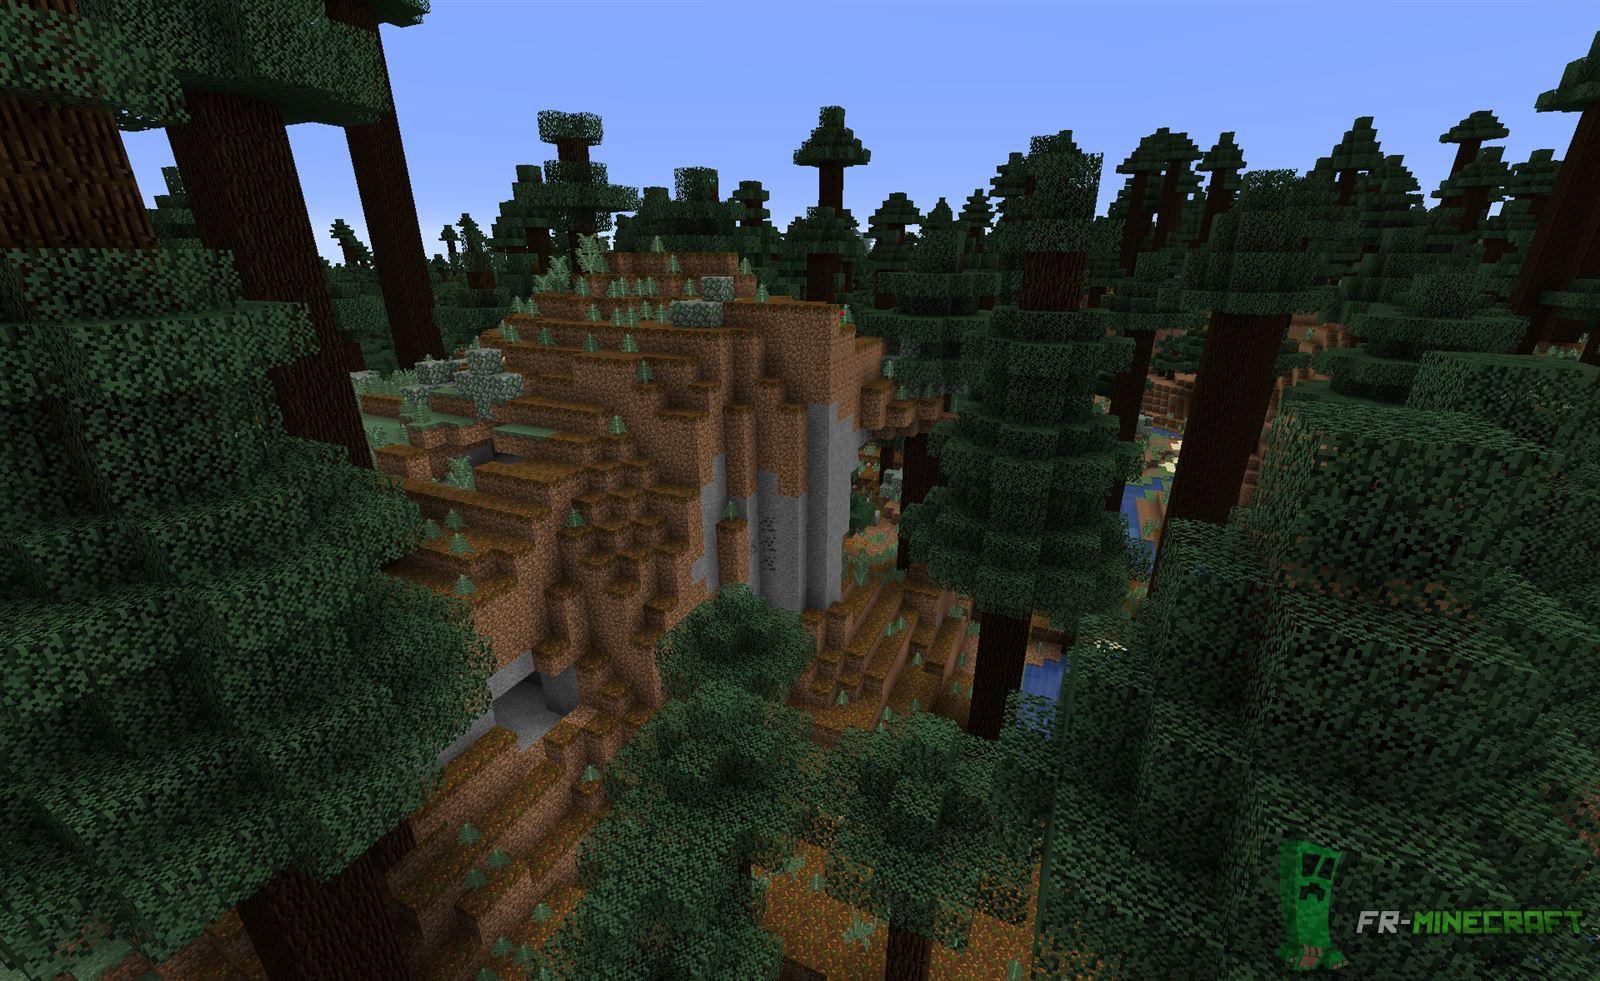 minecraft biome collines de ta ga grands arbres. Black Bedroom Furniture Sets. Home Design Ideas